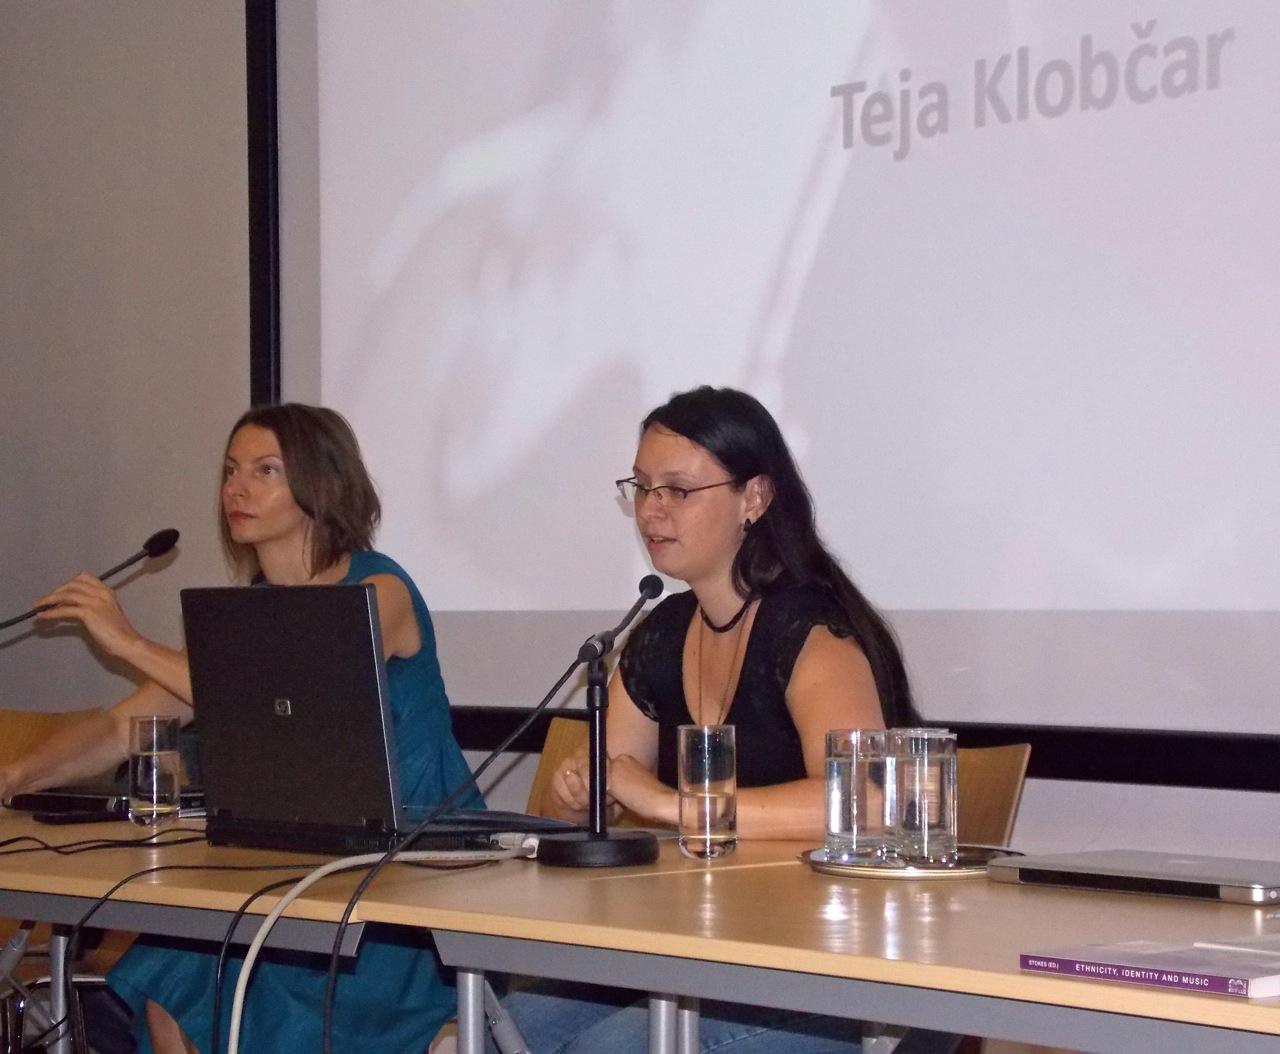 Teja Klobčar